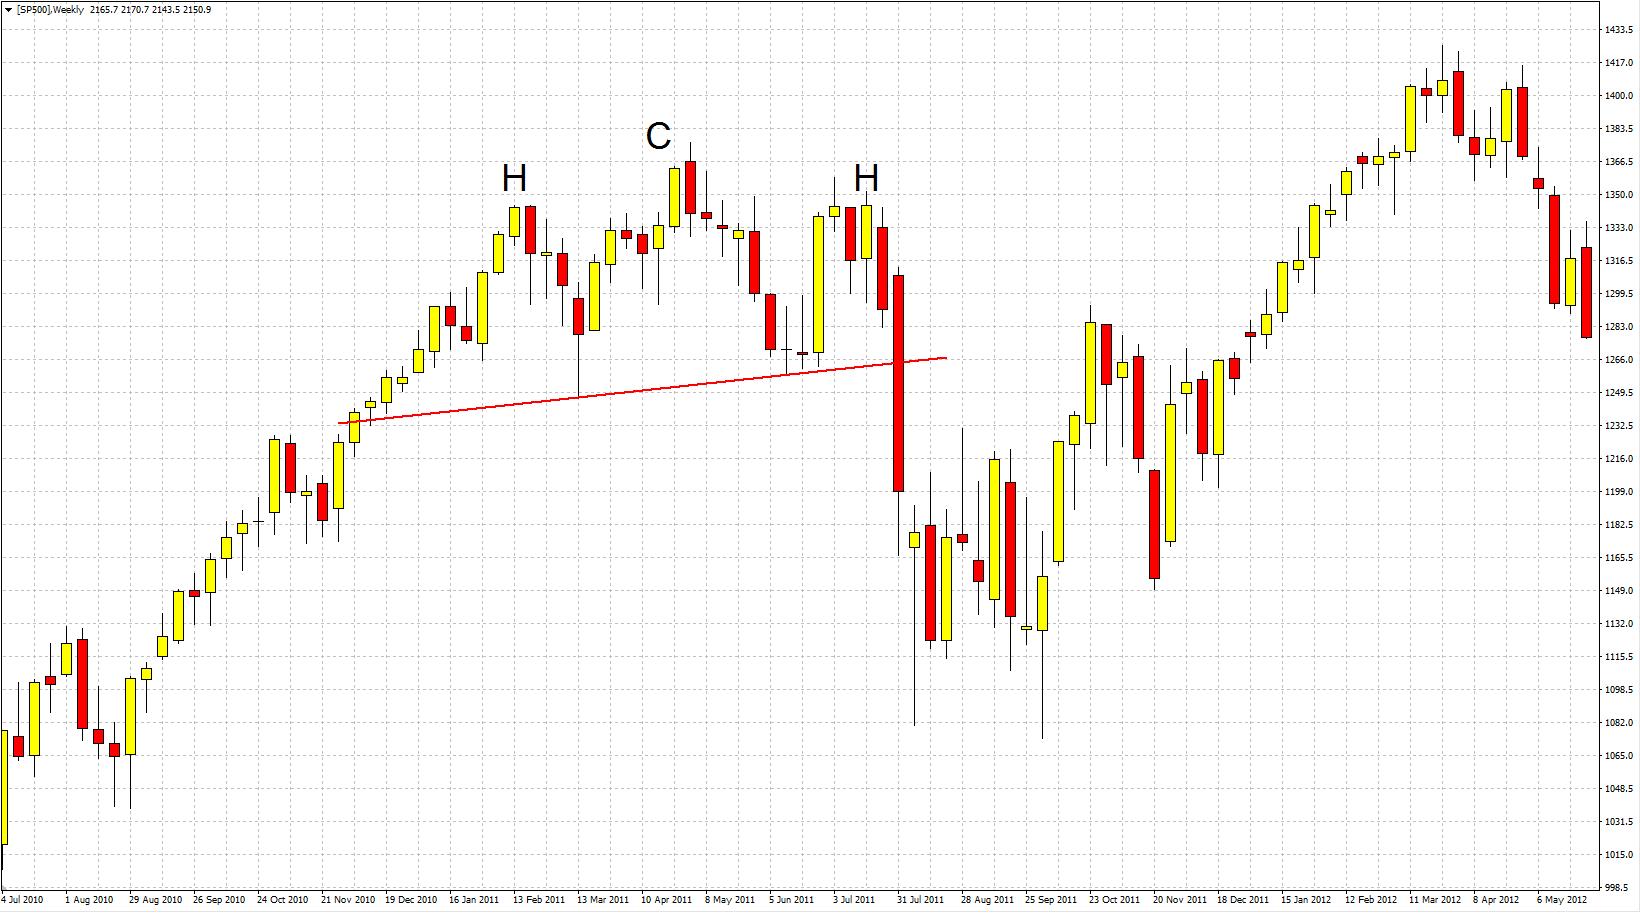 Formación de cambio de tendencia de Hombro Cabeza Hombro en el gráfico del S&P 500